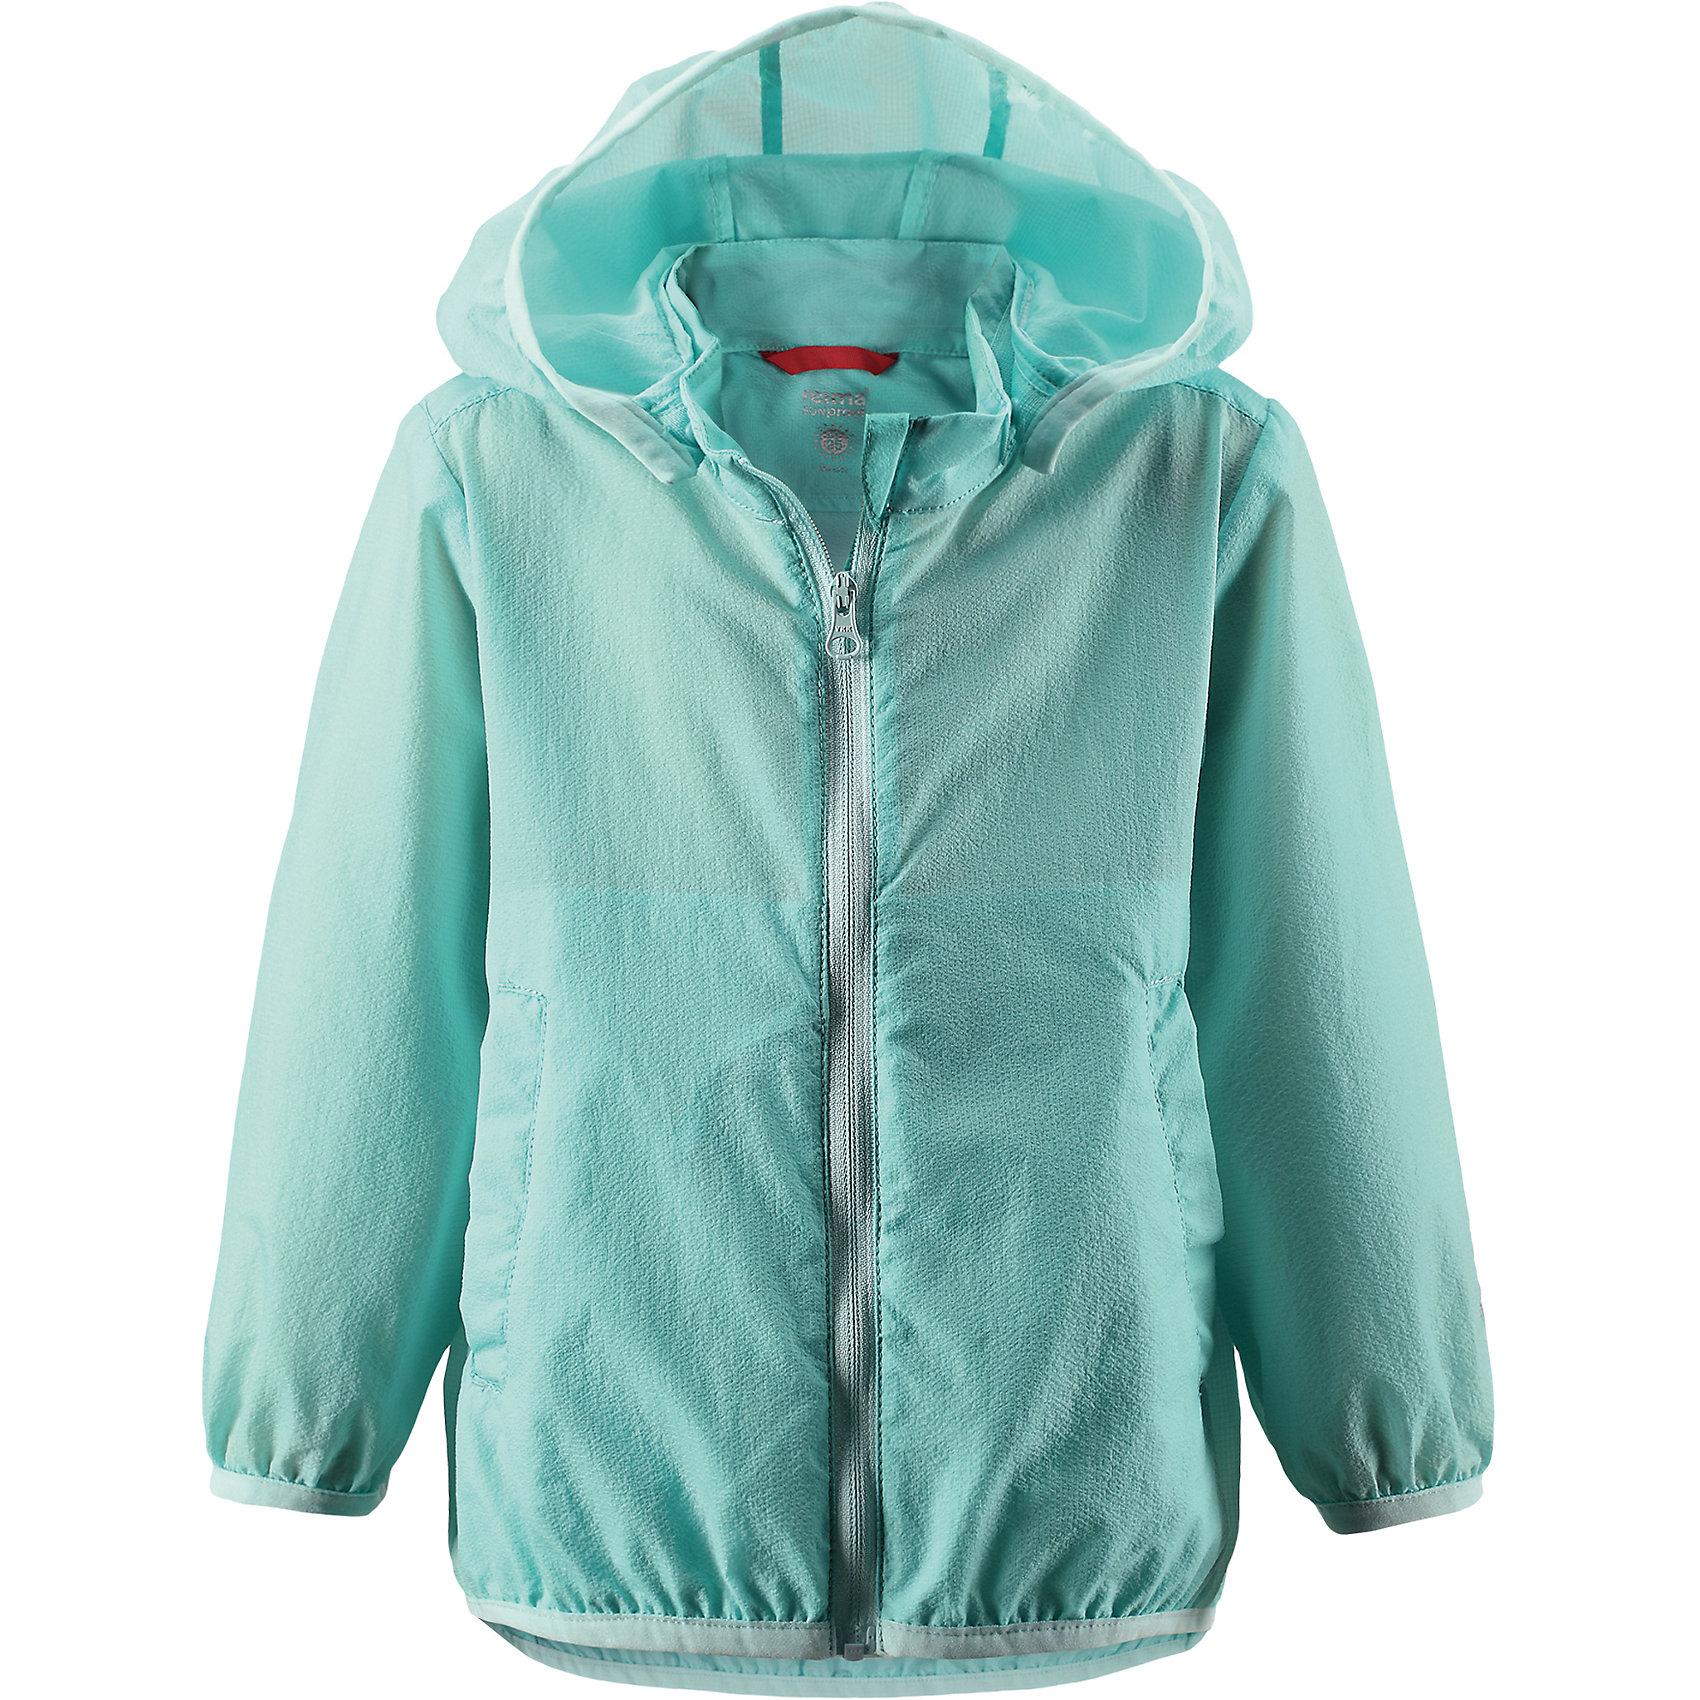 Ветровка Sorriso для девочки ReimaВерхняя одежда<br>Характеристики товара:<br><br>• цвет: зеленый<br>• состав: 100% полиамид<br>• температурный режим: от +10°до +20°С<br>• легкий, водоотталкивающий и «дышащий» материал<br>• без подкладки<br>• безопасный съёмный капюшон<br>• эластичная сборка по краю капюшона, на манжетах и на подоле<br>• куртку можно свернуть в собственный карман<br>• молния<br>• комфортная посадка<br>• страна производства: Китай<br>• страна бренда: Финляндия<br>• коллекция: весна-лето 2017<br><br>Верхняя одежда для детей может быть модной и комфортной одновременно! Легкая куртка поможет обеспечить ребенку комфорт и тепло. Она отлично смотрится с различной одеждой и обувью. Изделие удобно сидит и модно выглядит. Материал - прочный, хорошо подходящий для межсезонья. Стильный дизайн разрабатывался специально для детей.<br><br>Одежда и обувь от финского бренда Reima пользуется популярностью во многих странах. Эти изделия стильные, качественные и удобные. Для производства продукции используются только безопасные, проверенные материалы и фурнитура. Порадуйте ребенка модными и красивыми вещами от Reima! <br><br>Куртку для девочки от финского бренда Reima (Рейма) можно купить в нашем интернет-магазине.<br><br>Ширина мм: 356<br>Глубина мм: 10<br>Высота мм: 245<br>Вес г: 519<br>Цвет: зеленый<br>Возраст от месяцев: 24<br>Возраст до месяцев: 36<br>Пол: Женский<br>Возраст: Детский<br>Размер: 98,86,92,74,80<br>SKU: 5265520